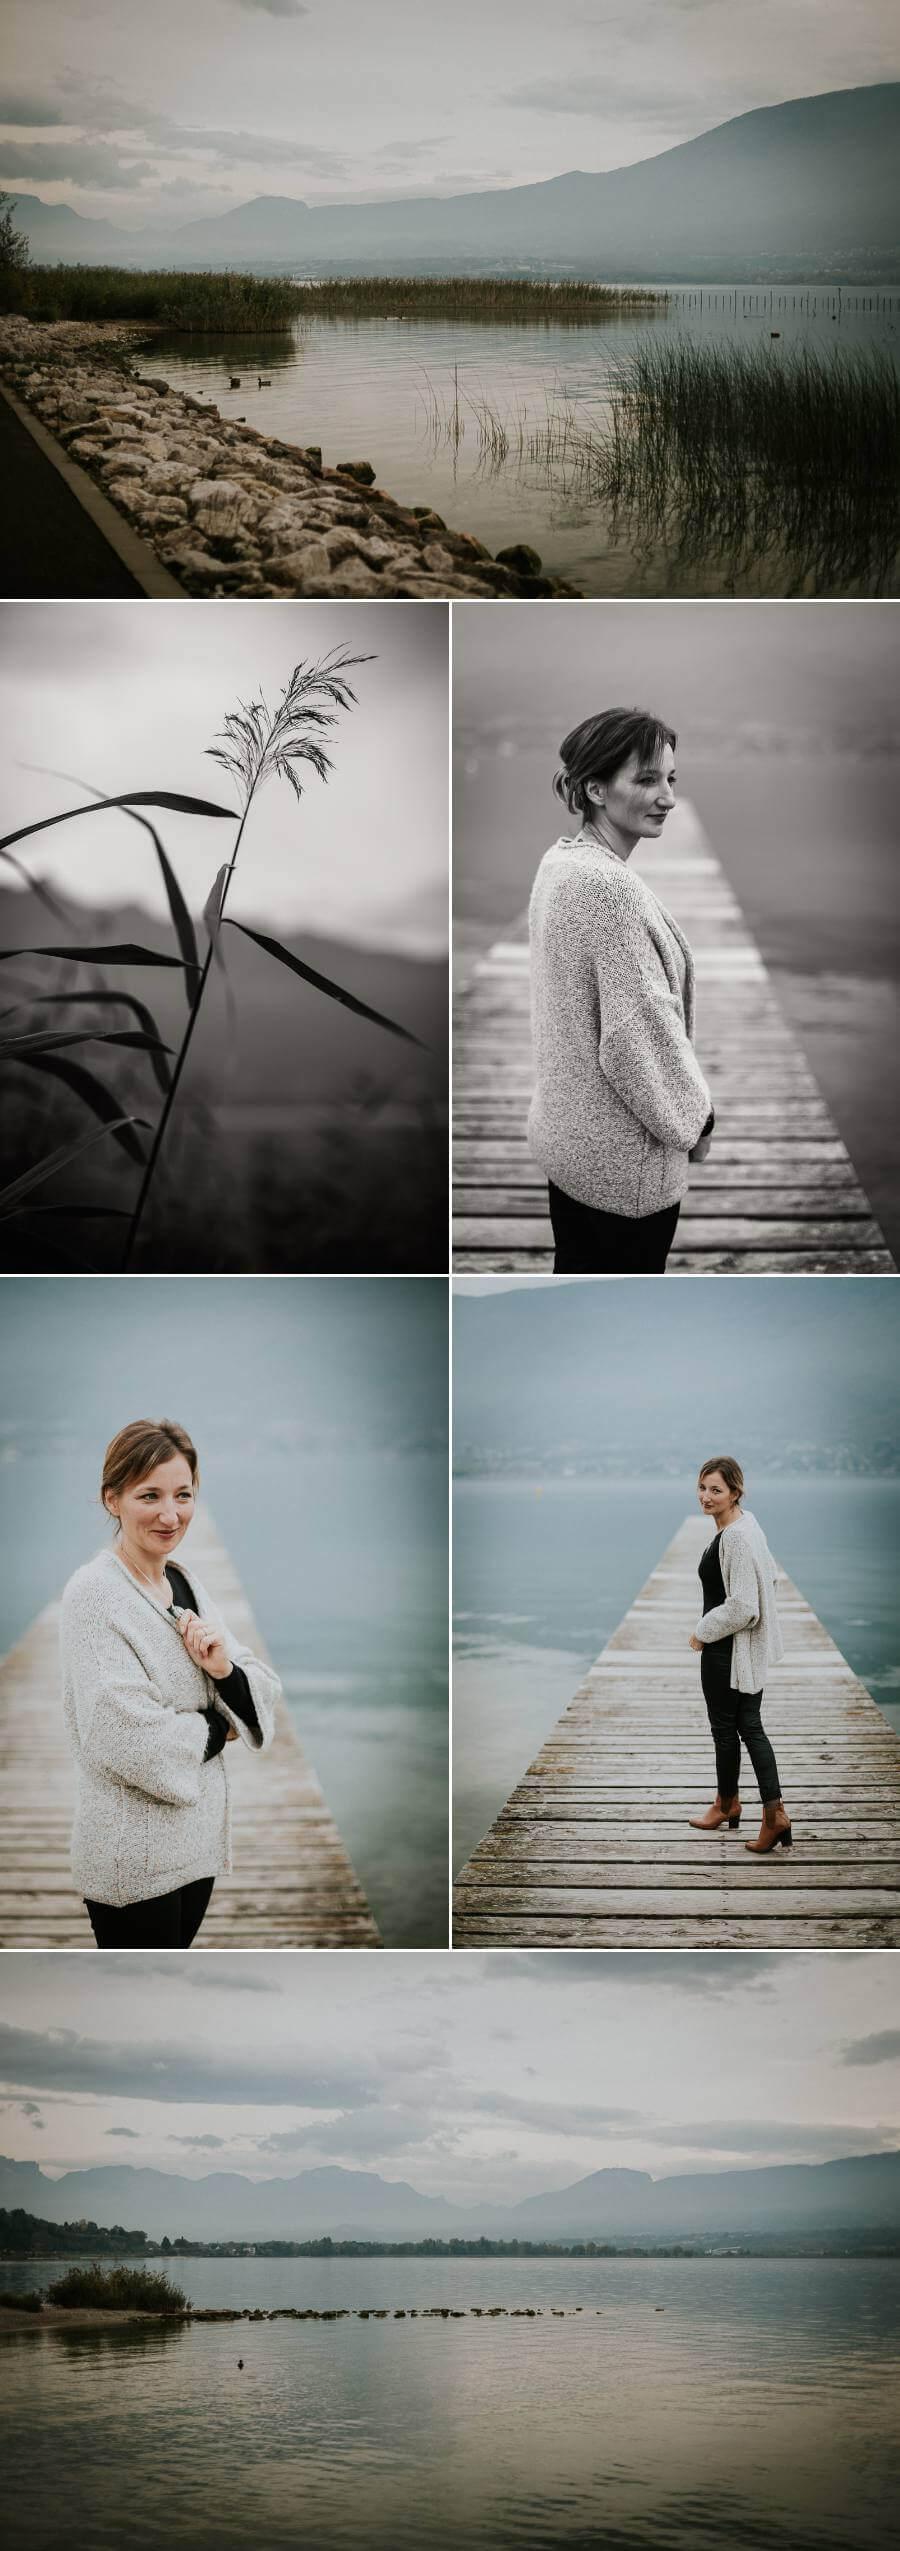 photographe lifestyle portrait femme sourire douceur naturel authentique lac du bourget dent du chat savoie nature noir et blanc